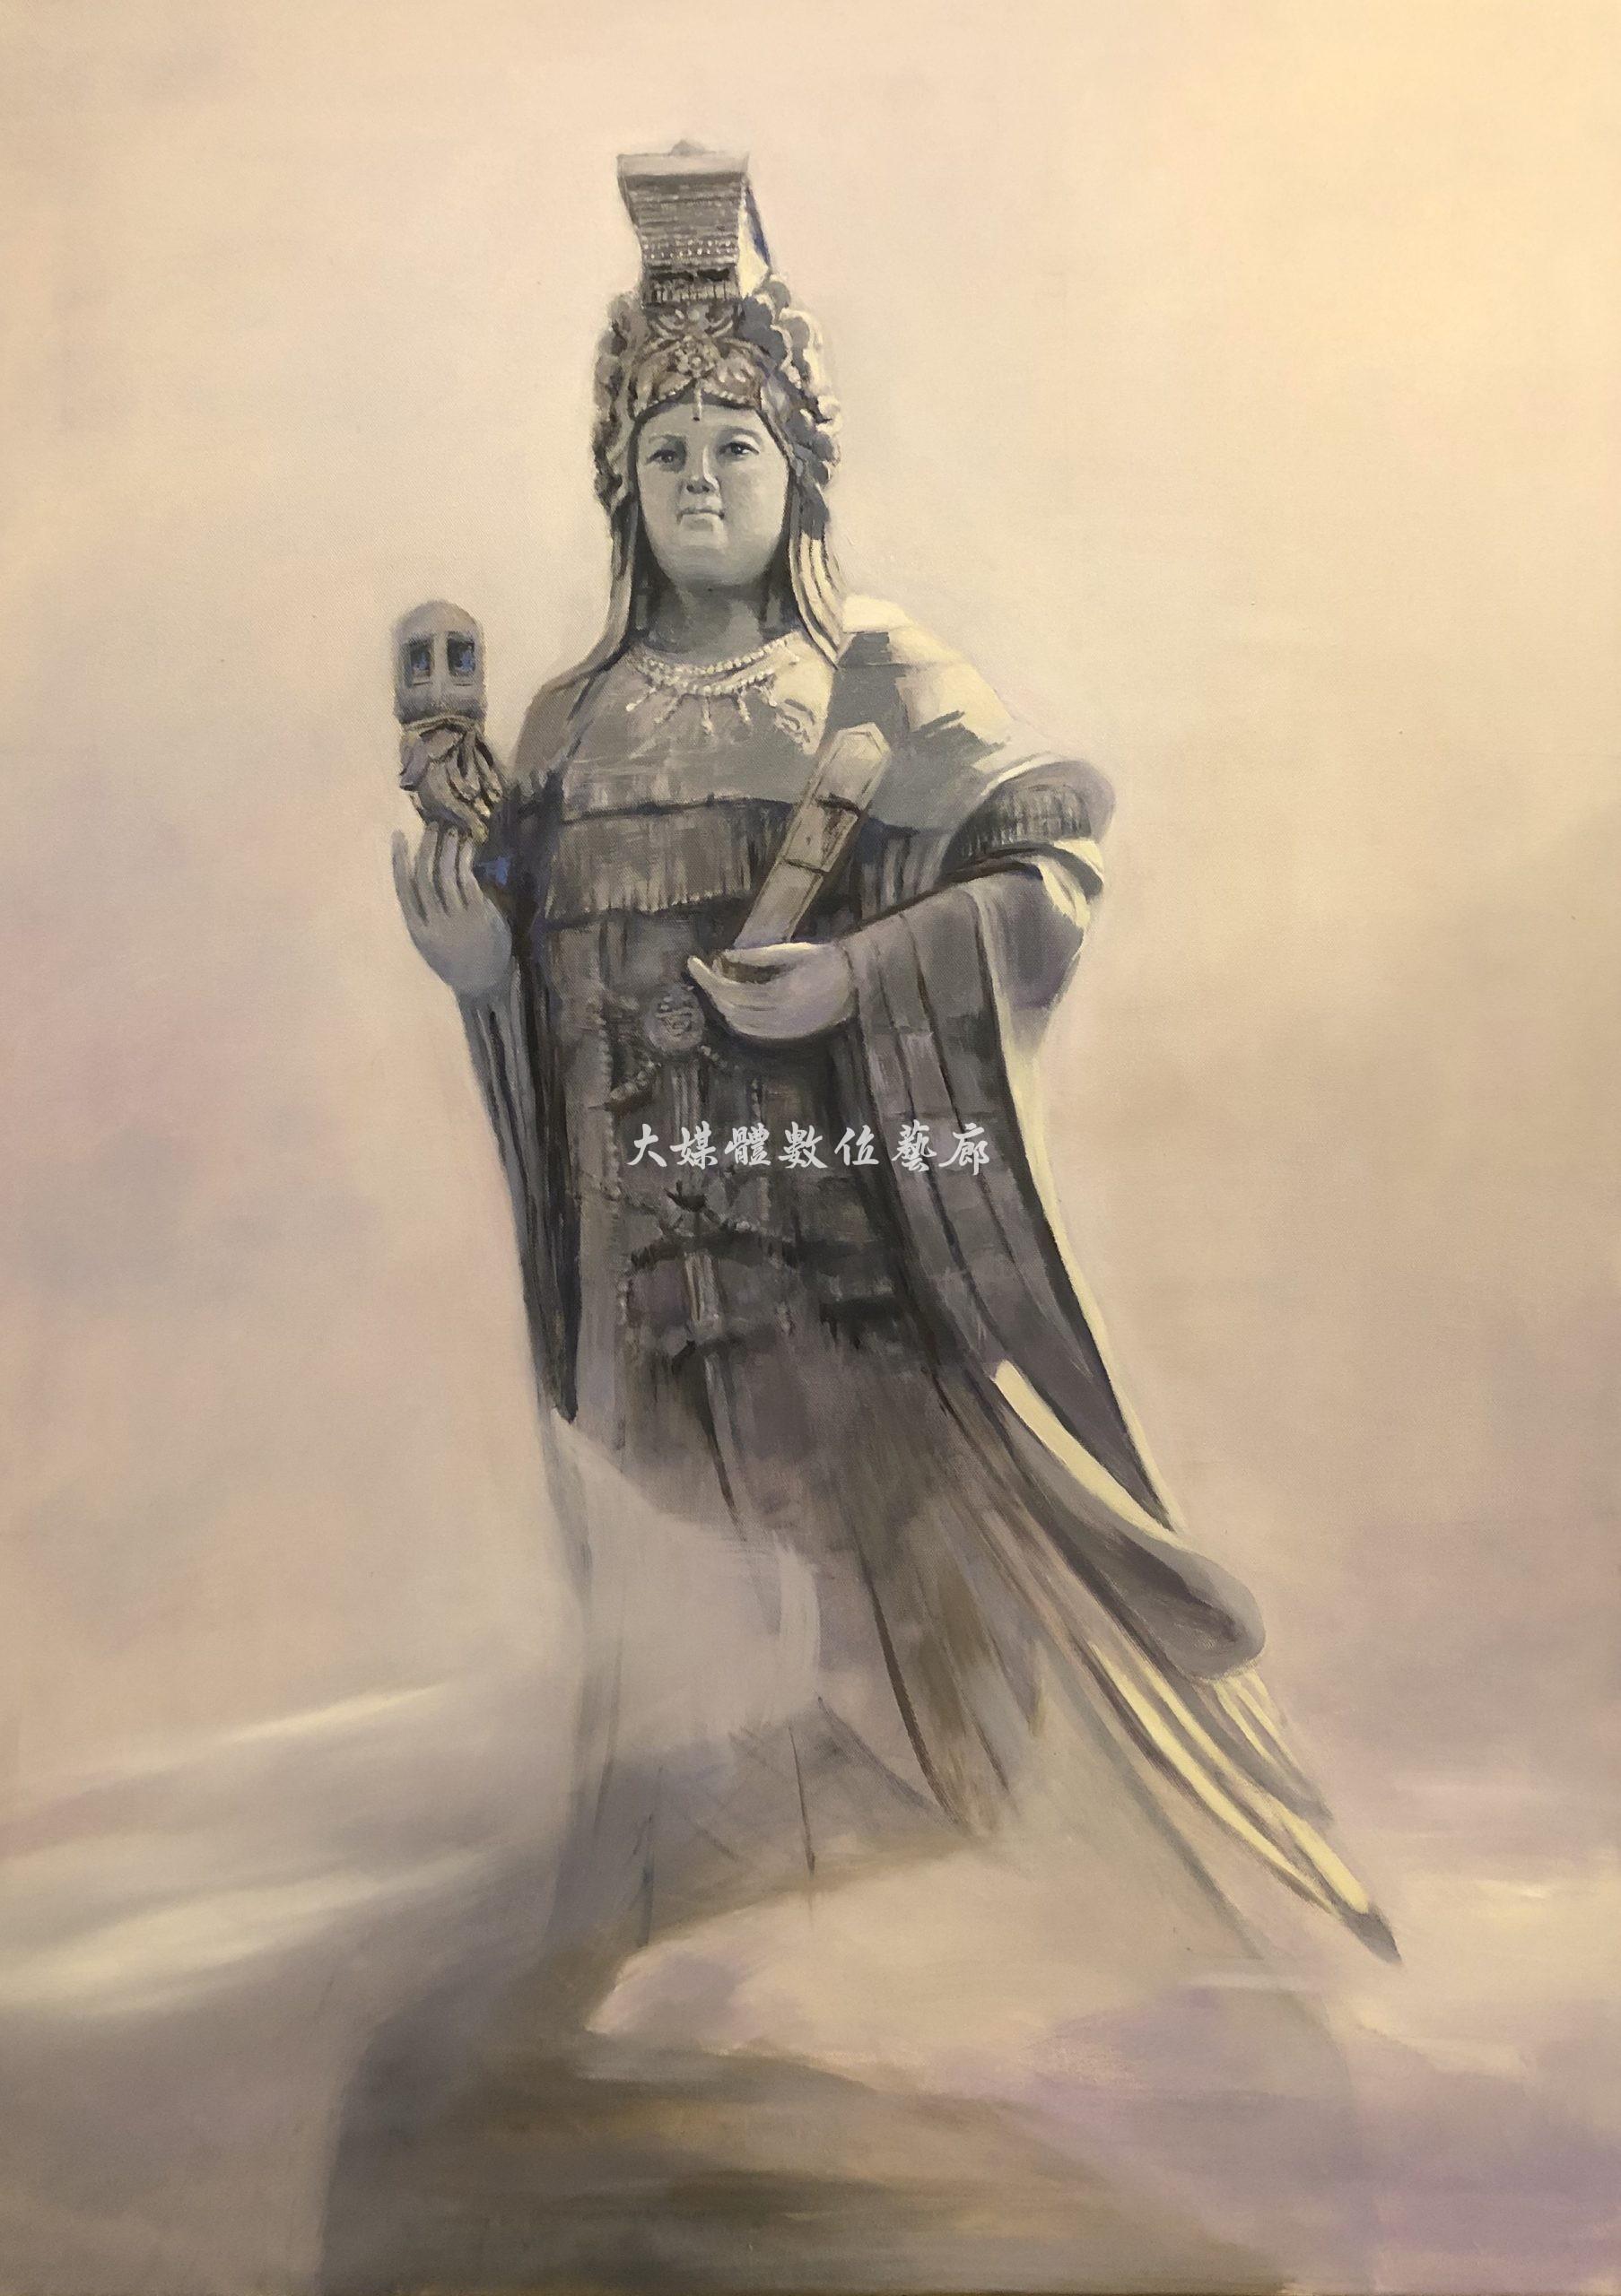 油畫 媽祖在馬祖